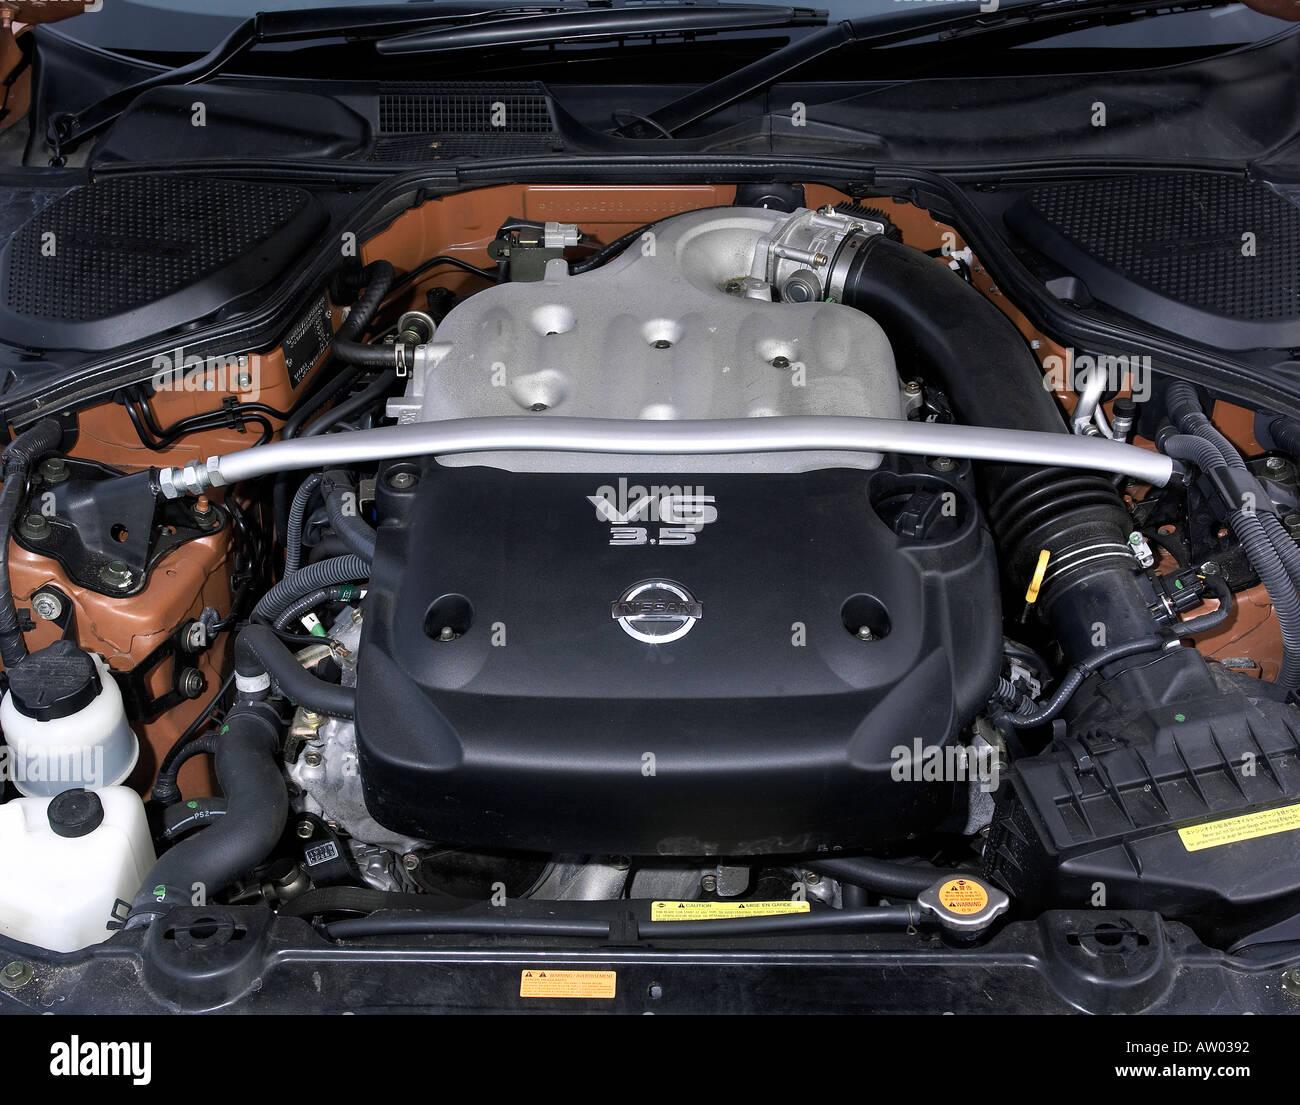 2004 Nissan 350z Stock Photo Alamy